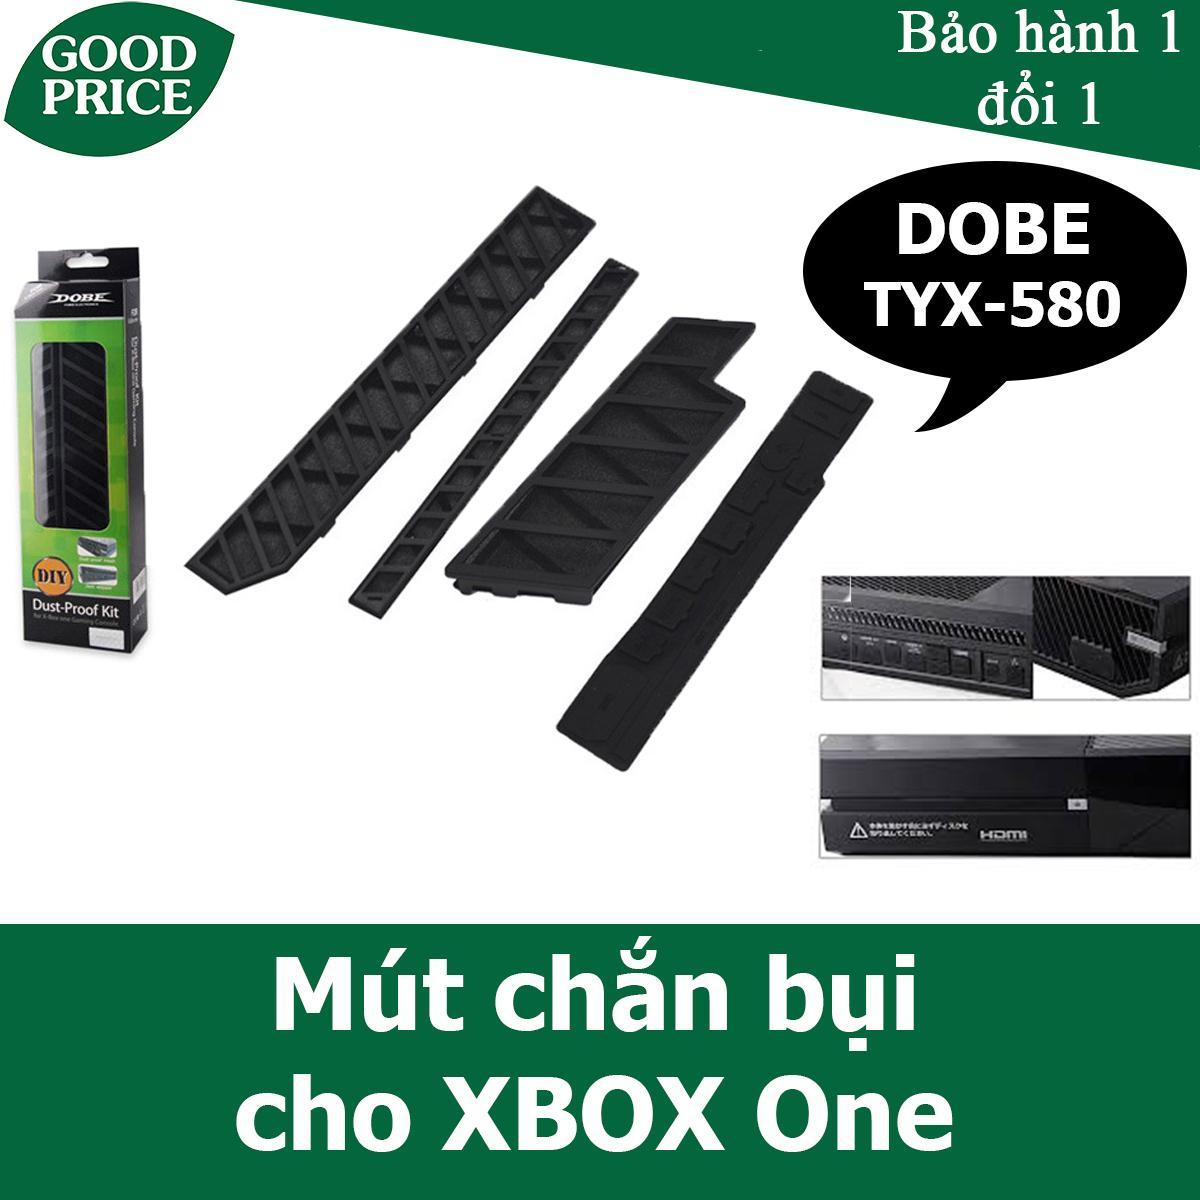 BỘ LỌC CHẮN BỤI CHO XBOX ONE - DOBE TYX-580